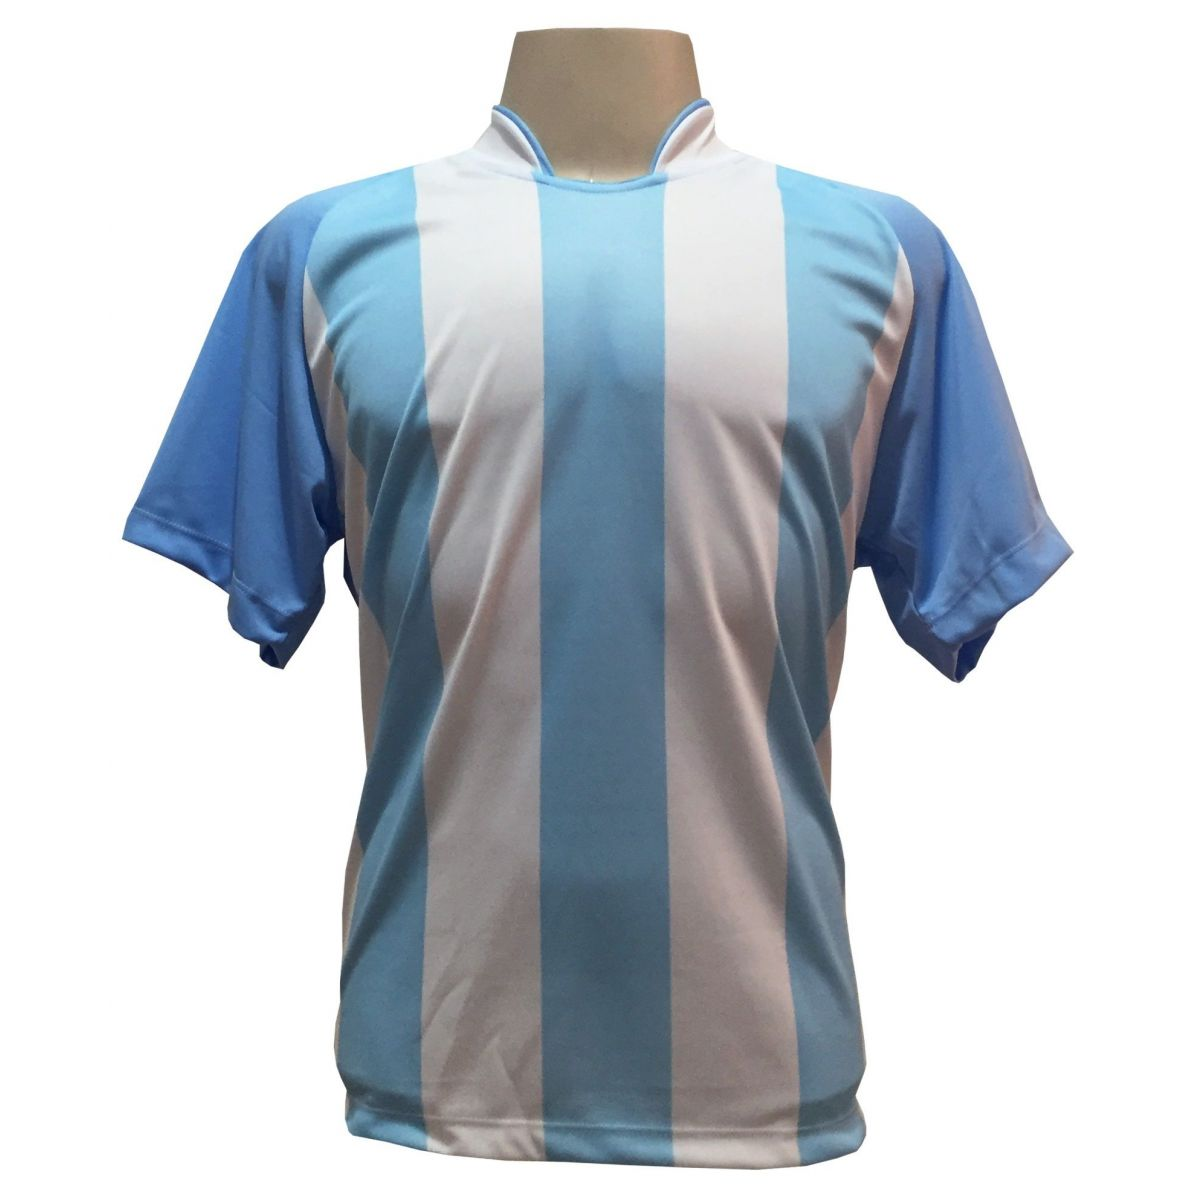 Uniforme Esportivo com 20 Camisas modelo Milan Celeste/Branco + 20 Calções modelo Madrid Branco